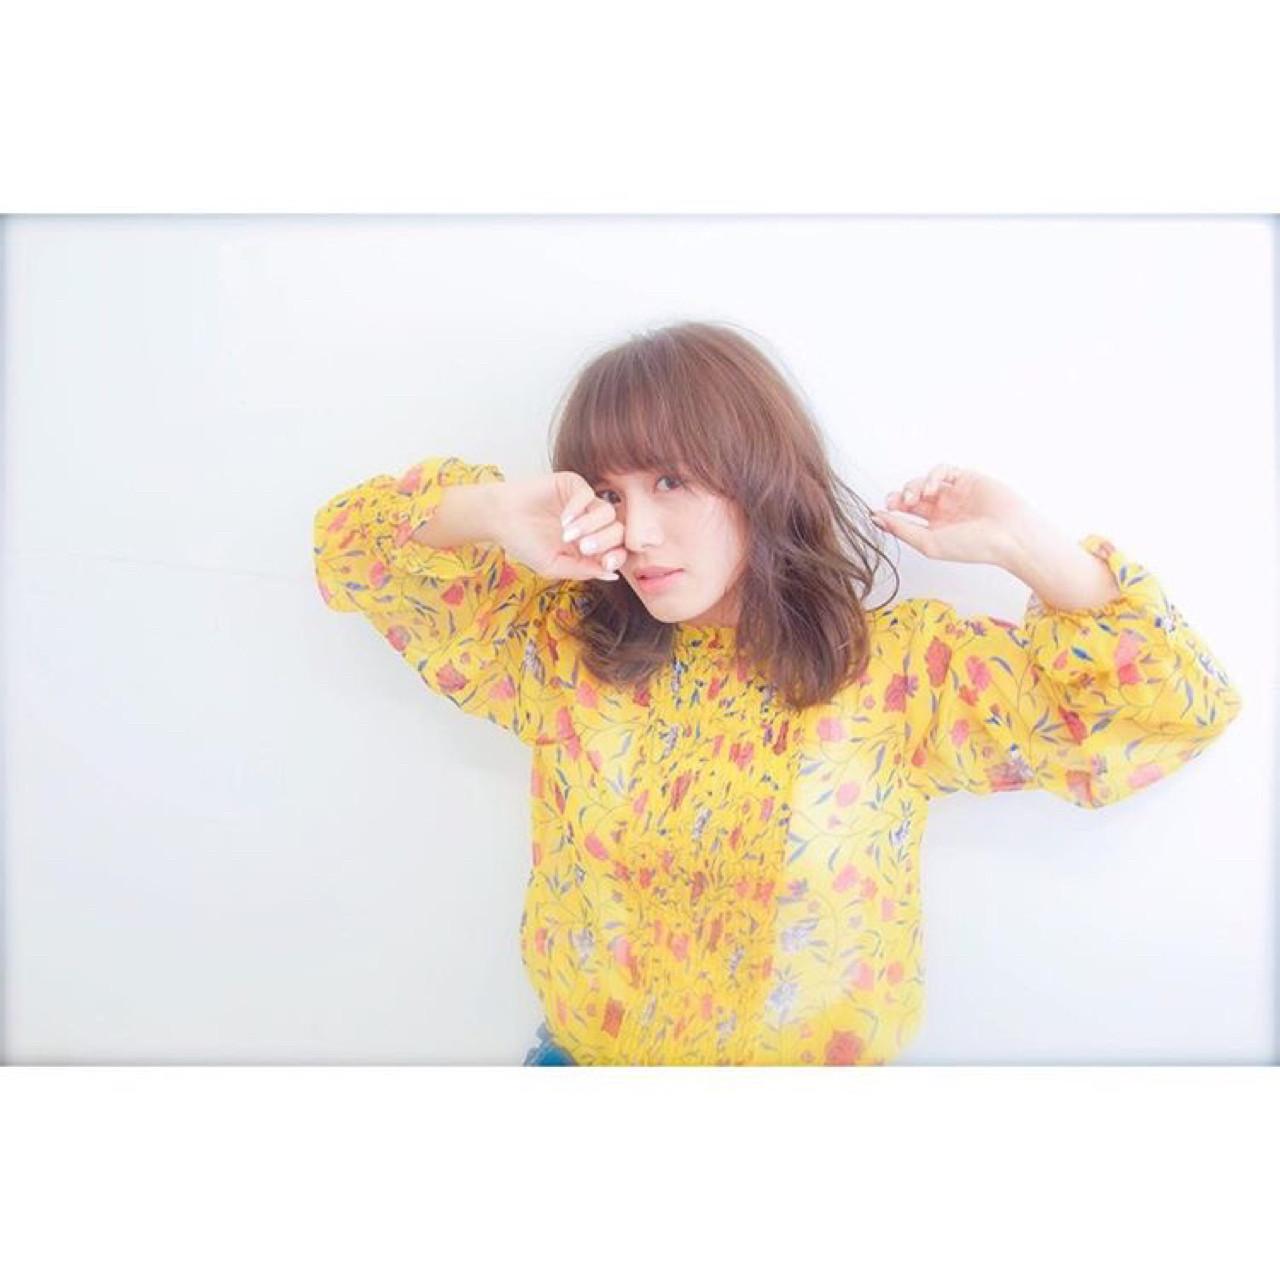 ニュアンス 春 外国人風 ミルクティー ヘアスタイルや髪型の写真・画像 | サン /